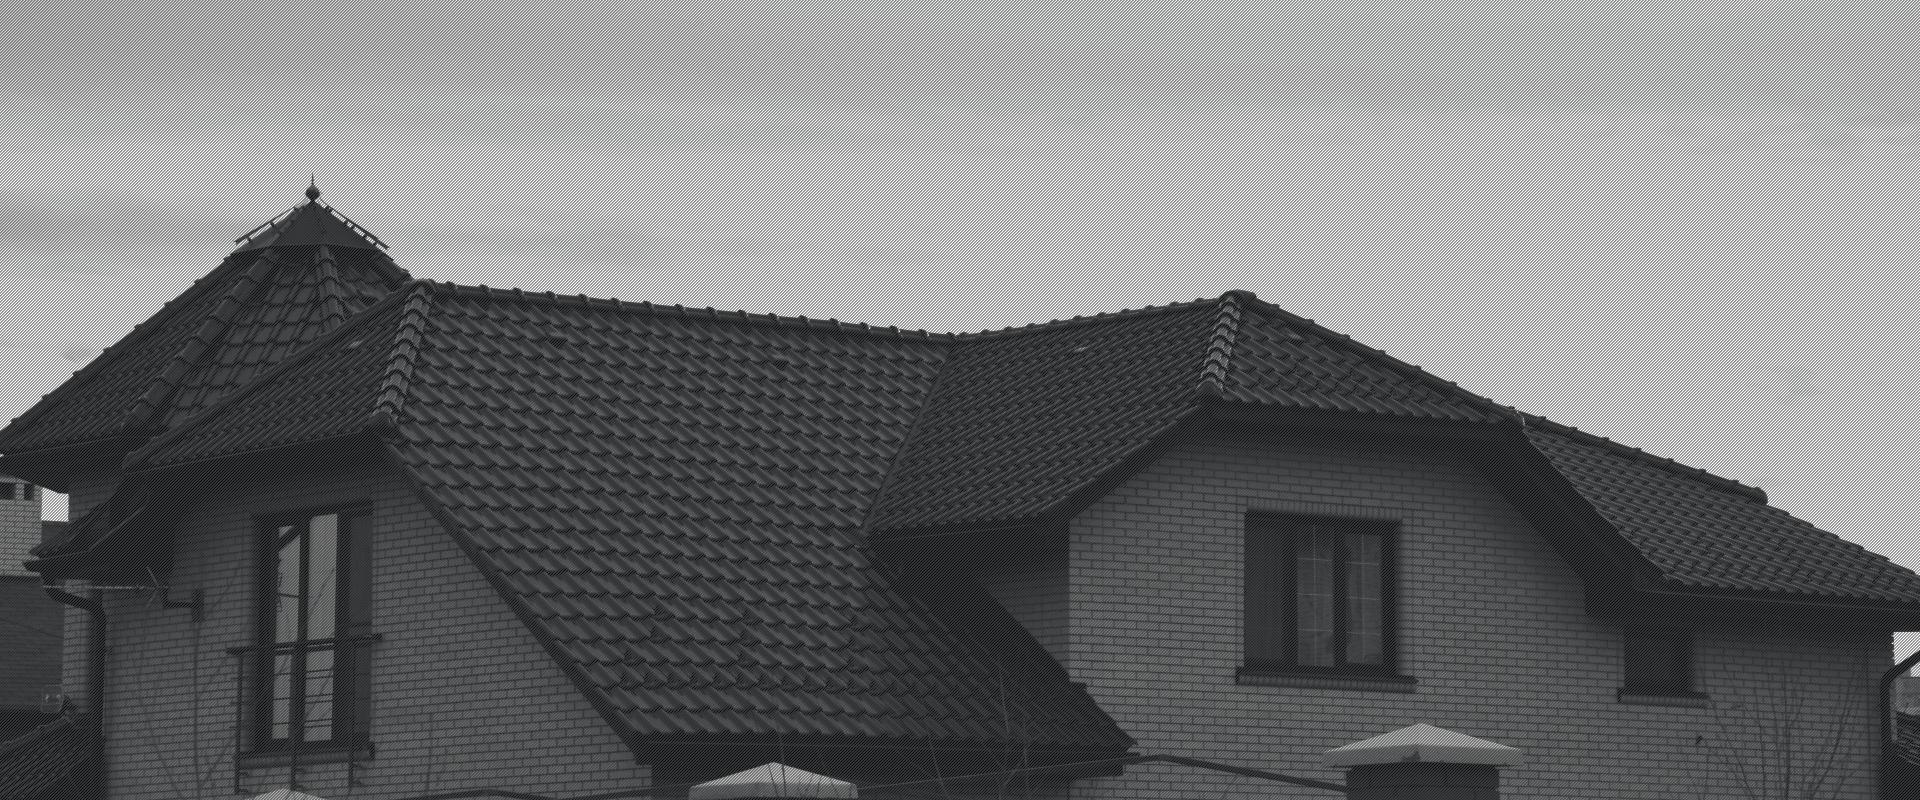 Монтаж керамічної черепиці LAUMANS. Запоріжжя, 2013